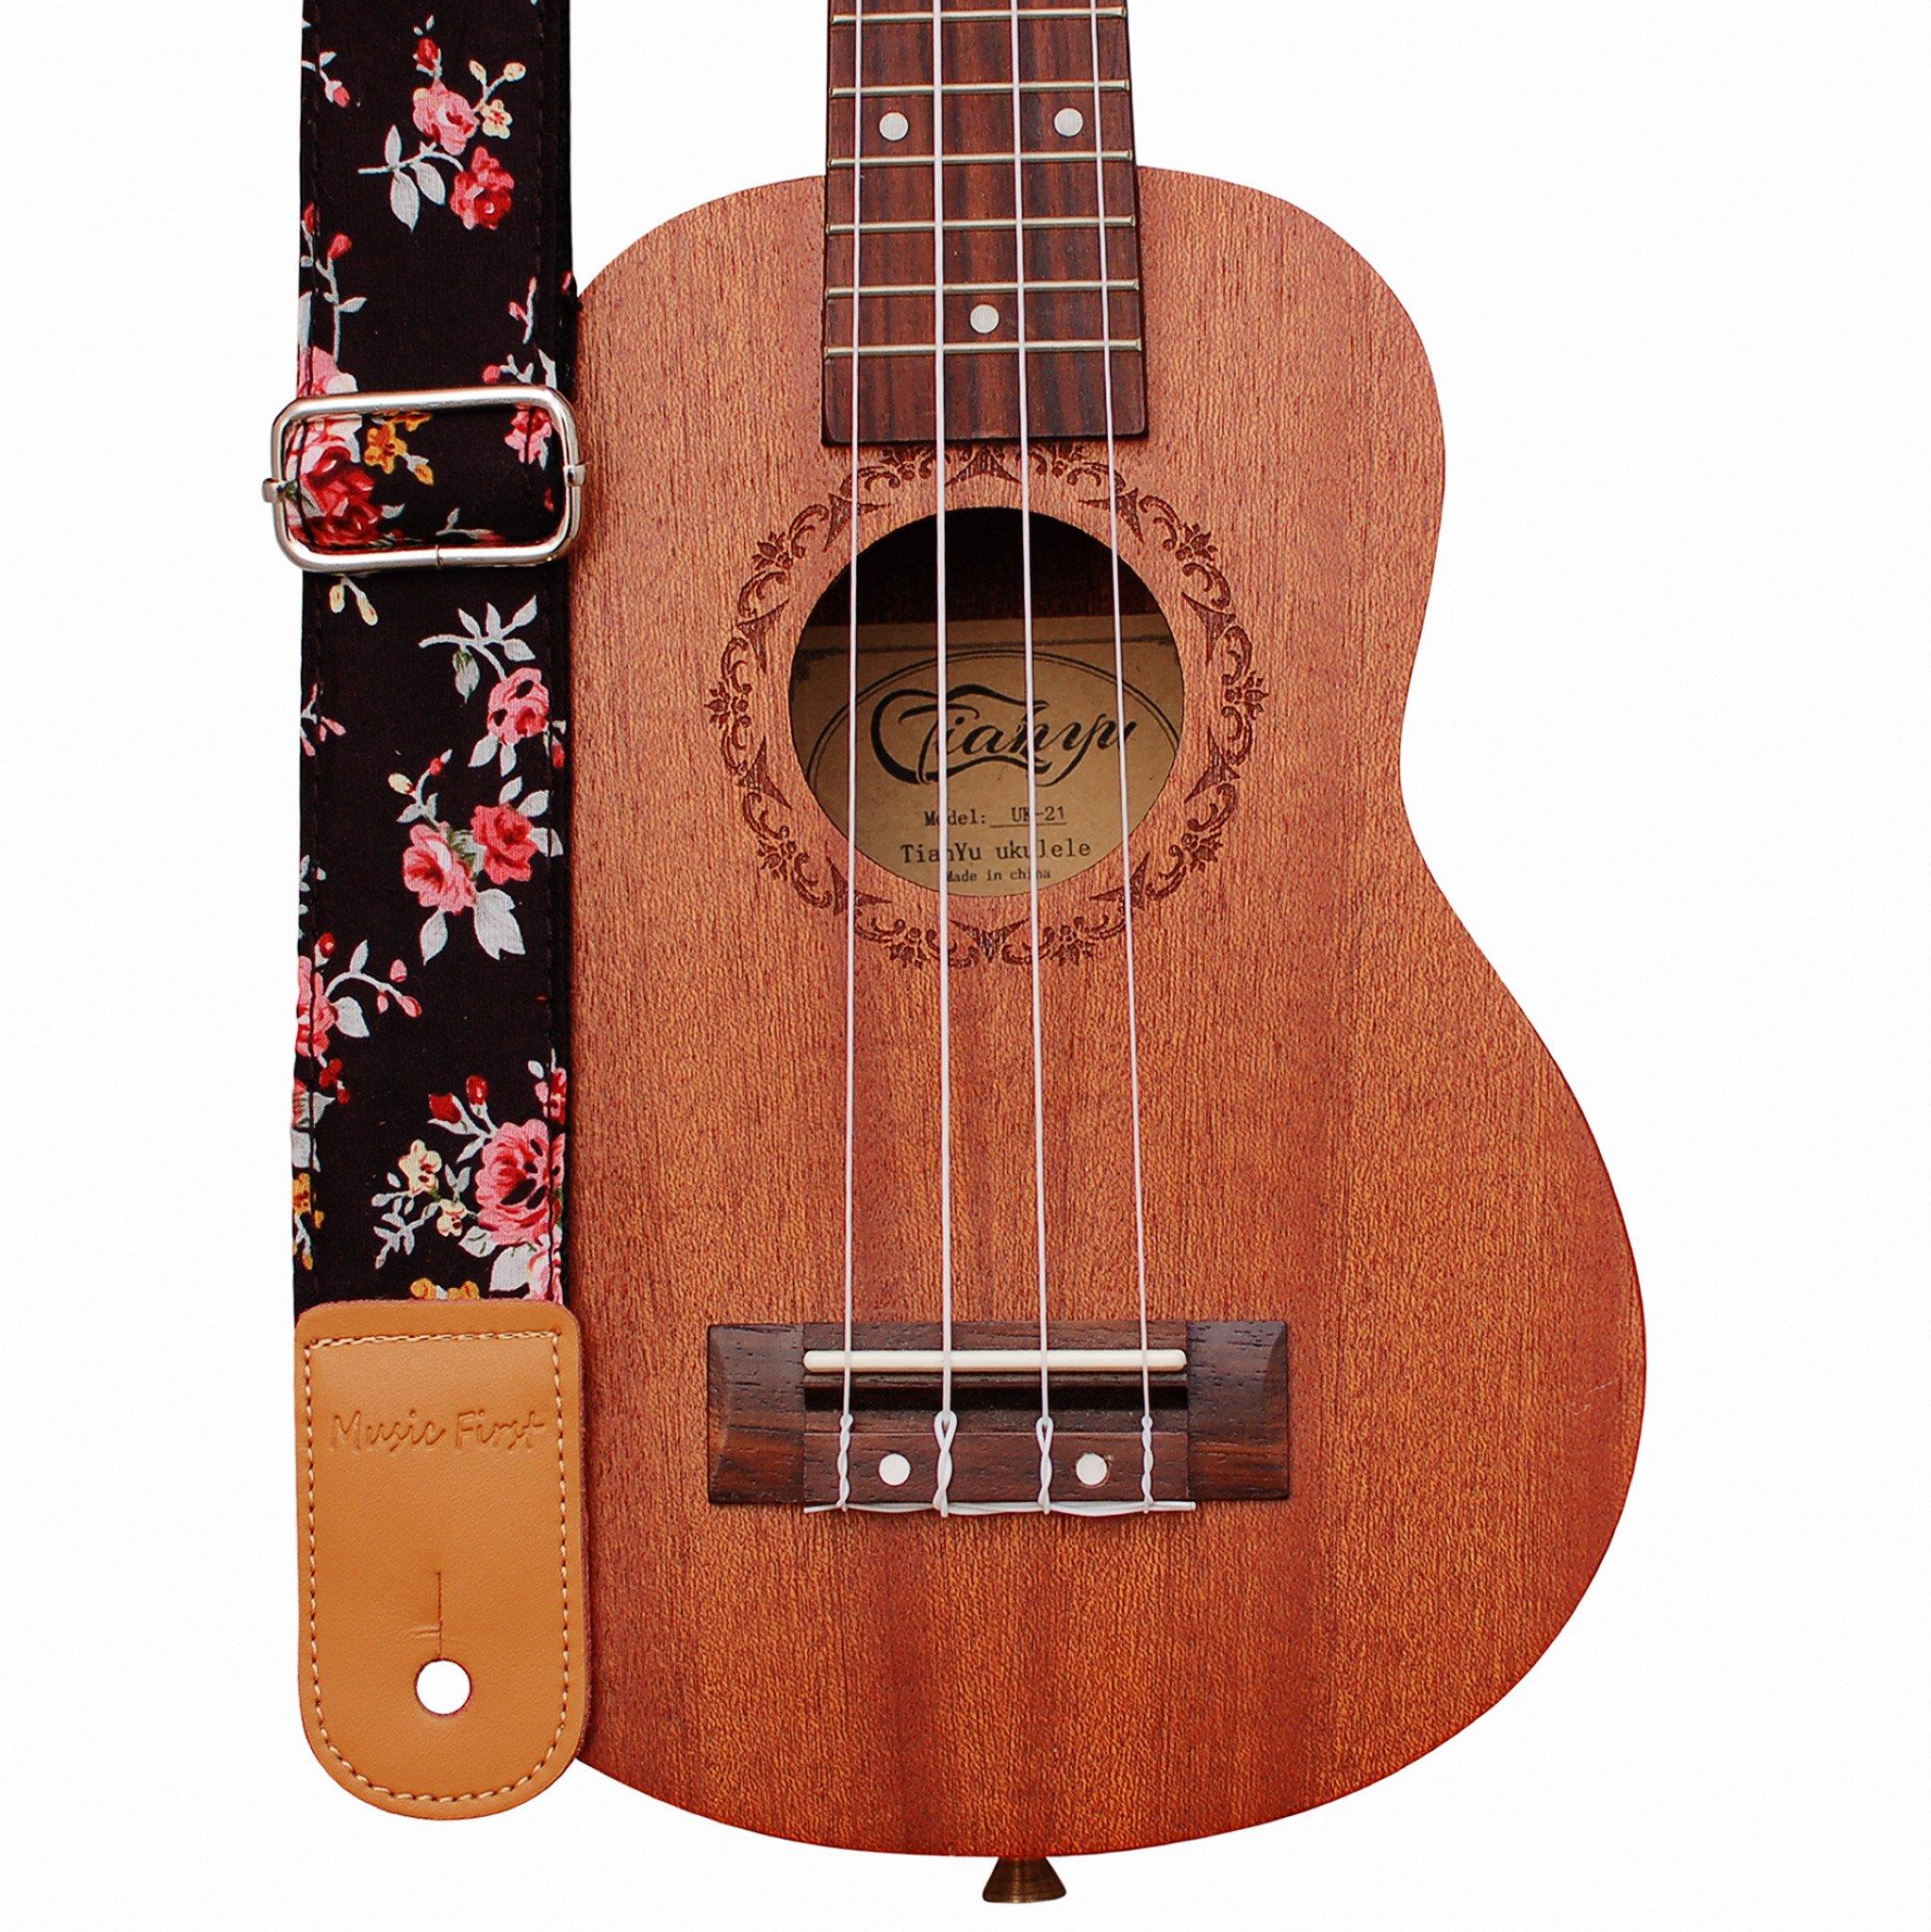 """MUSIC FIRST Original Design """"Rosa Multiflora in Black"""" Soft Cotton & Genuine Leather Ukulele Strap Ukulele Shoulder Strap"""